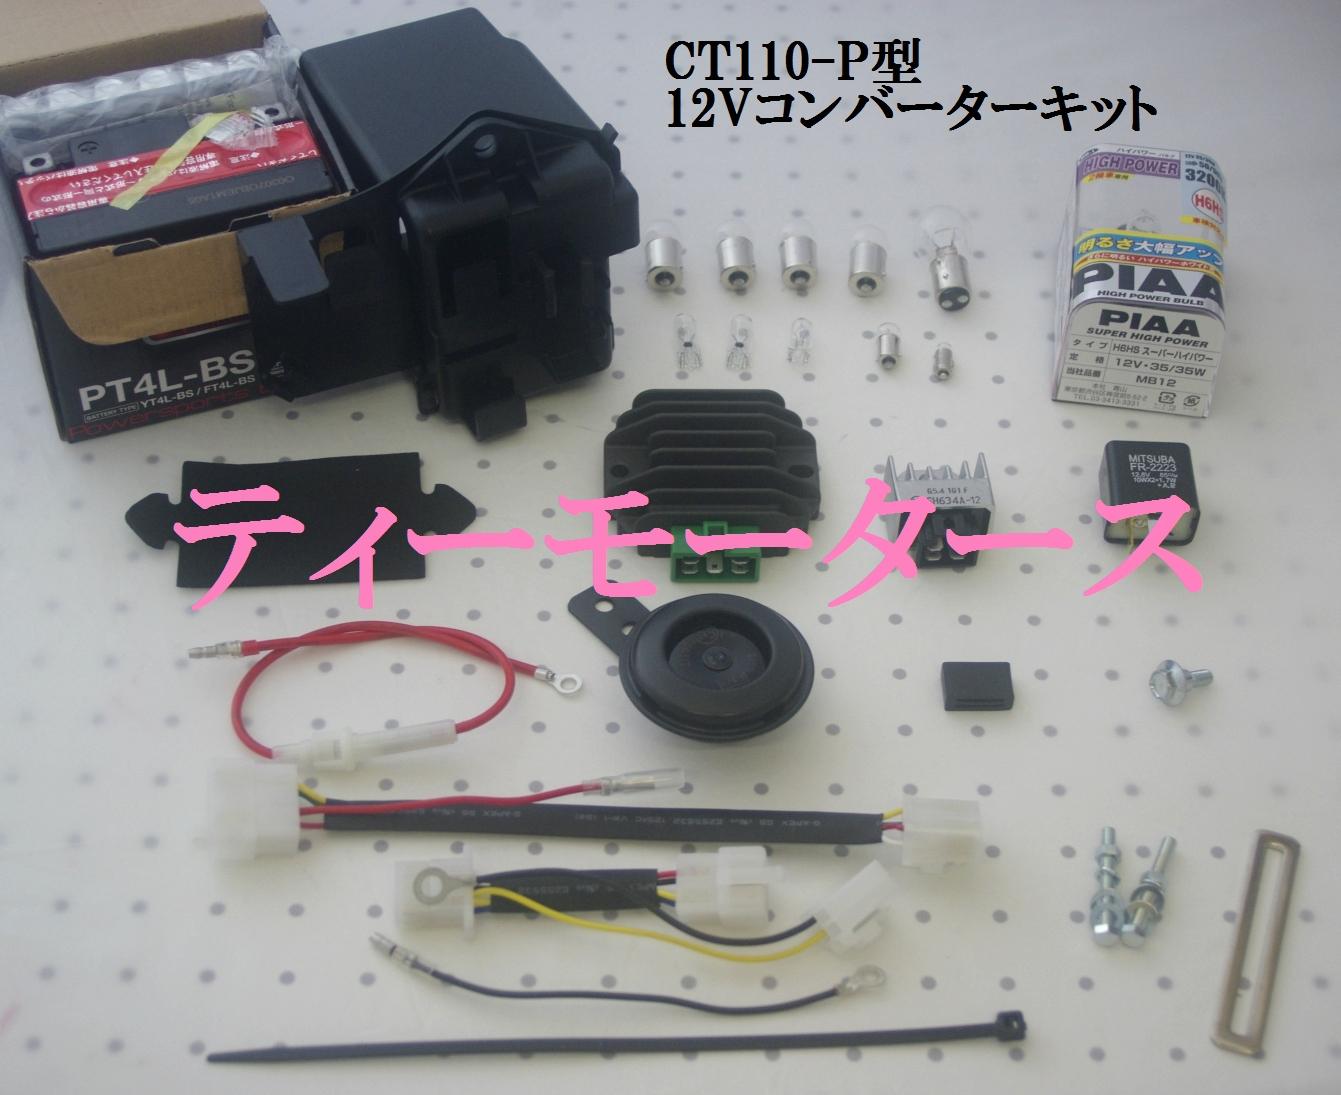 ホンダ旧車CT110-p★ハンターカブ★輸出仕様全波6v~12vコンバートキット